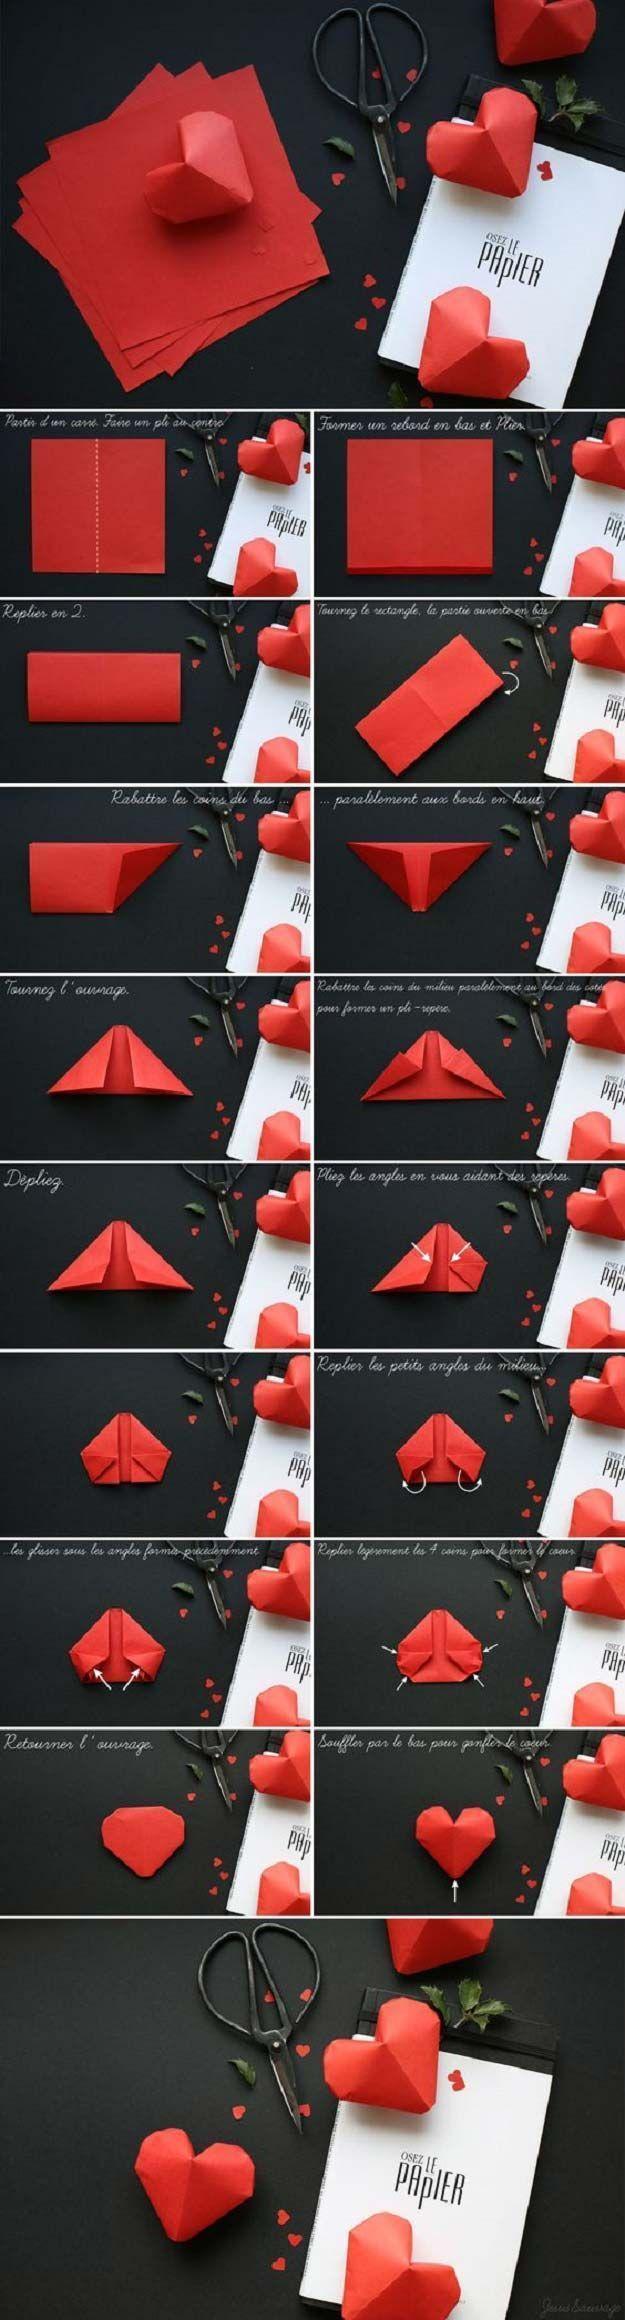 Elegante Best Origami Tutorials – Pumpe Origami – Einfache DIY Origami Tutorial-Projekte zu G…